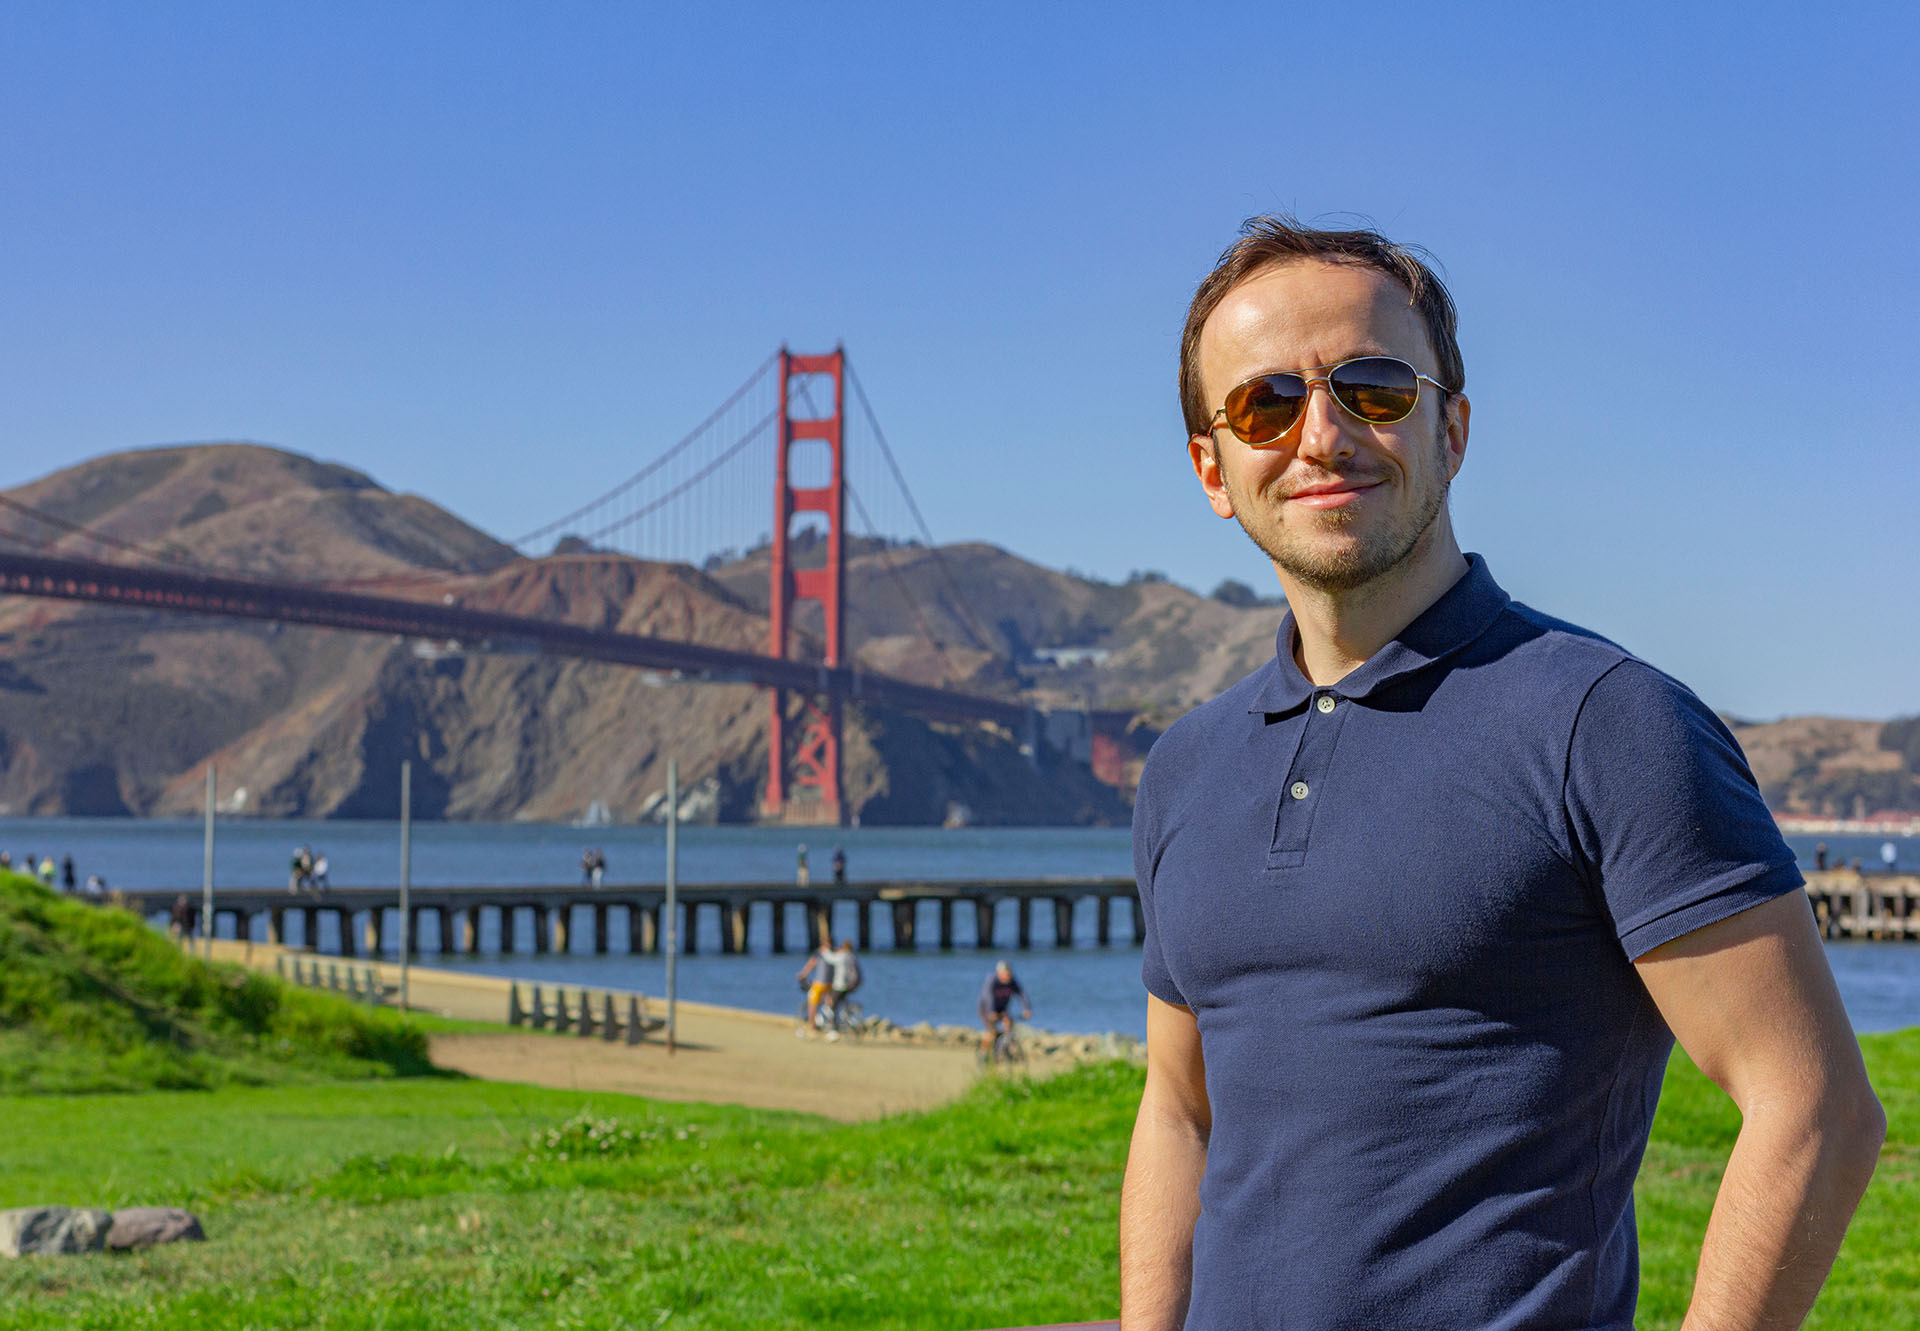 San Francisco la mecque des gay oui ... mais ...